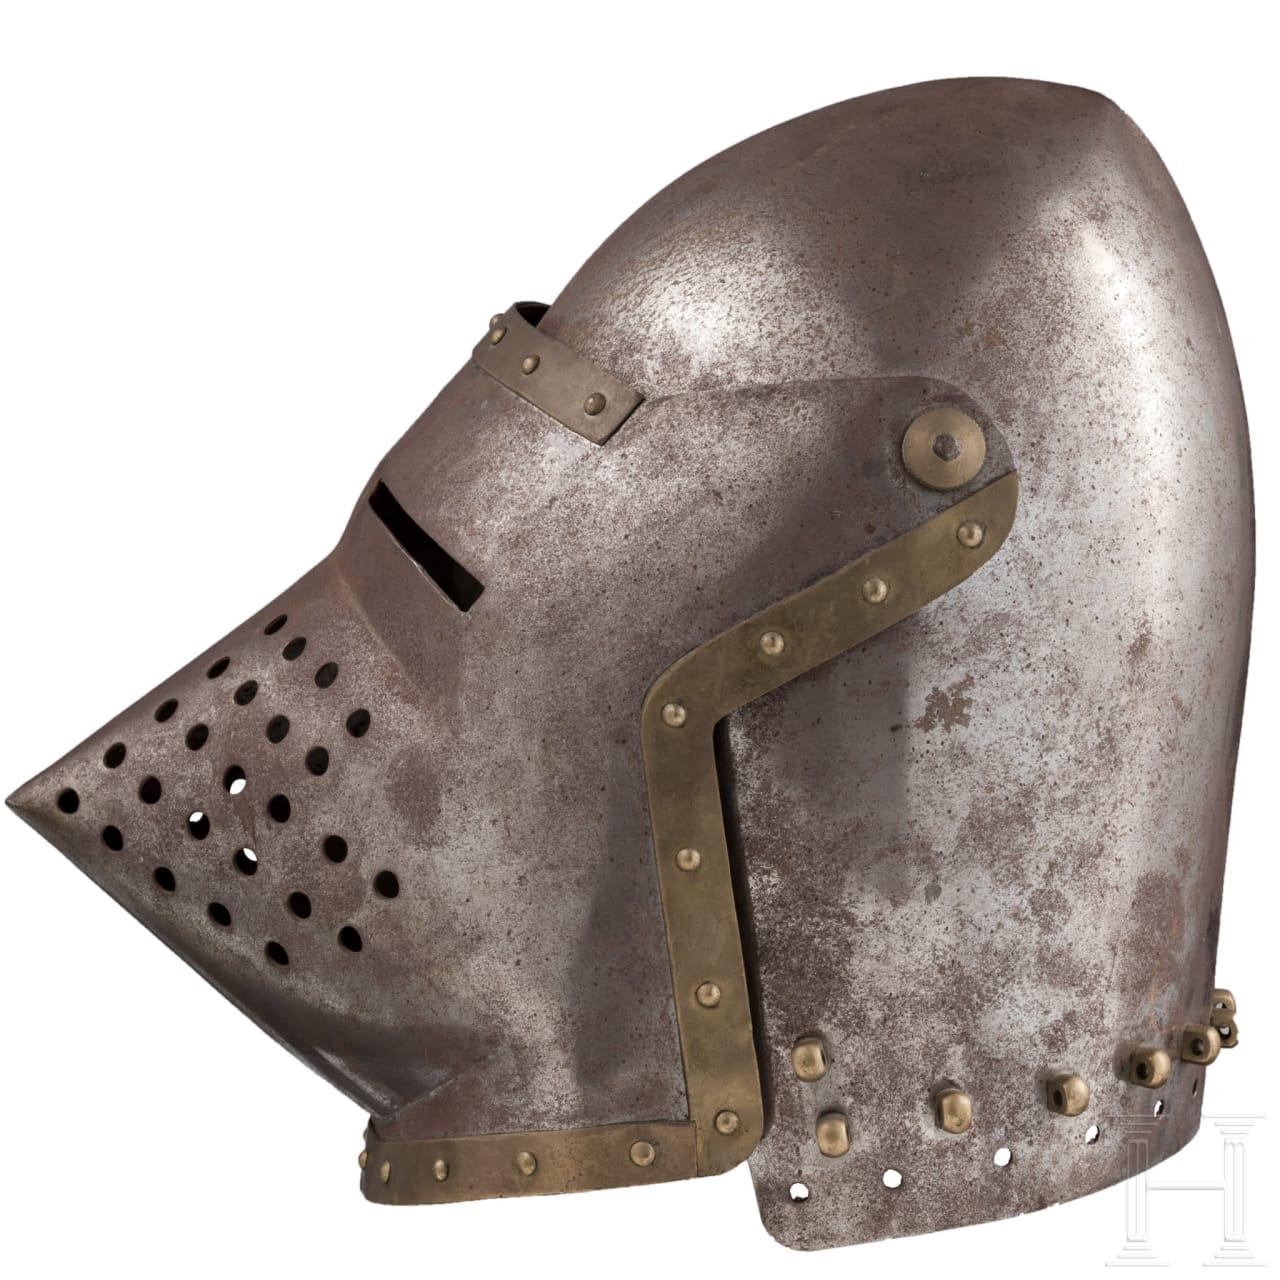 Beckenhaube mit Visier (Hundsgugel) im Stil des frühen 15. Jhdts.